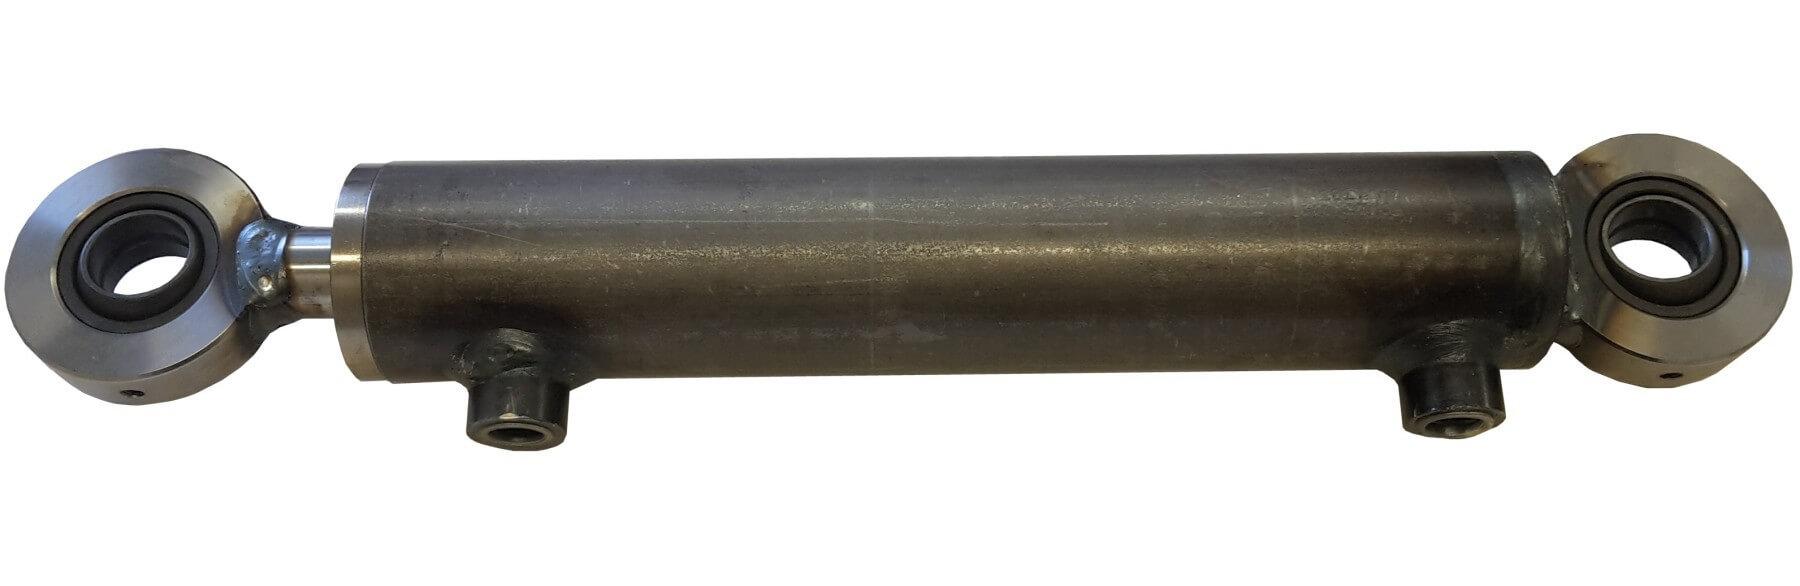 Hydraulisylinteri CL 100. 60. 500 GE - Kailatec Oy Verkkokauppa